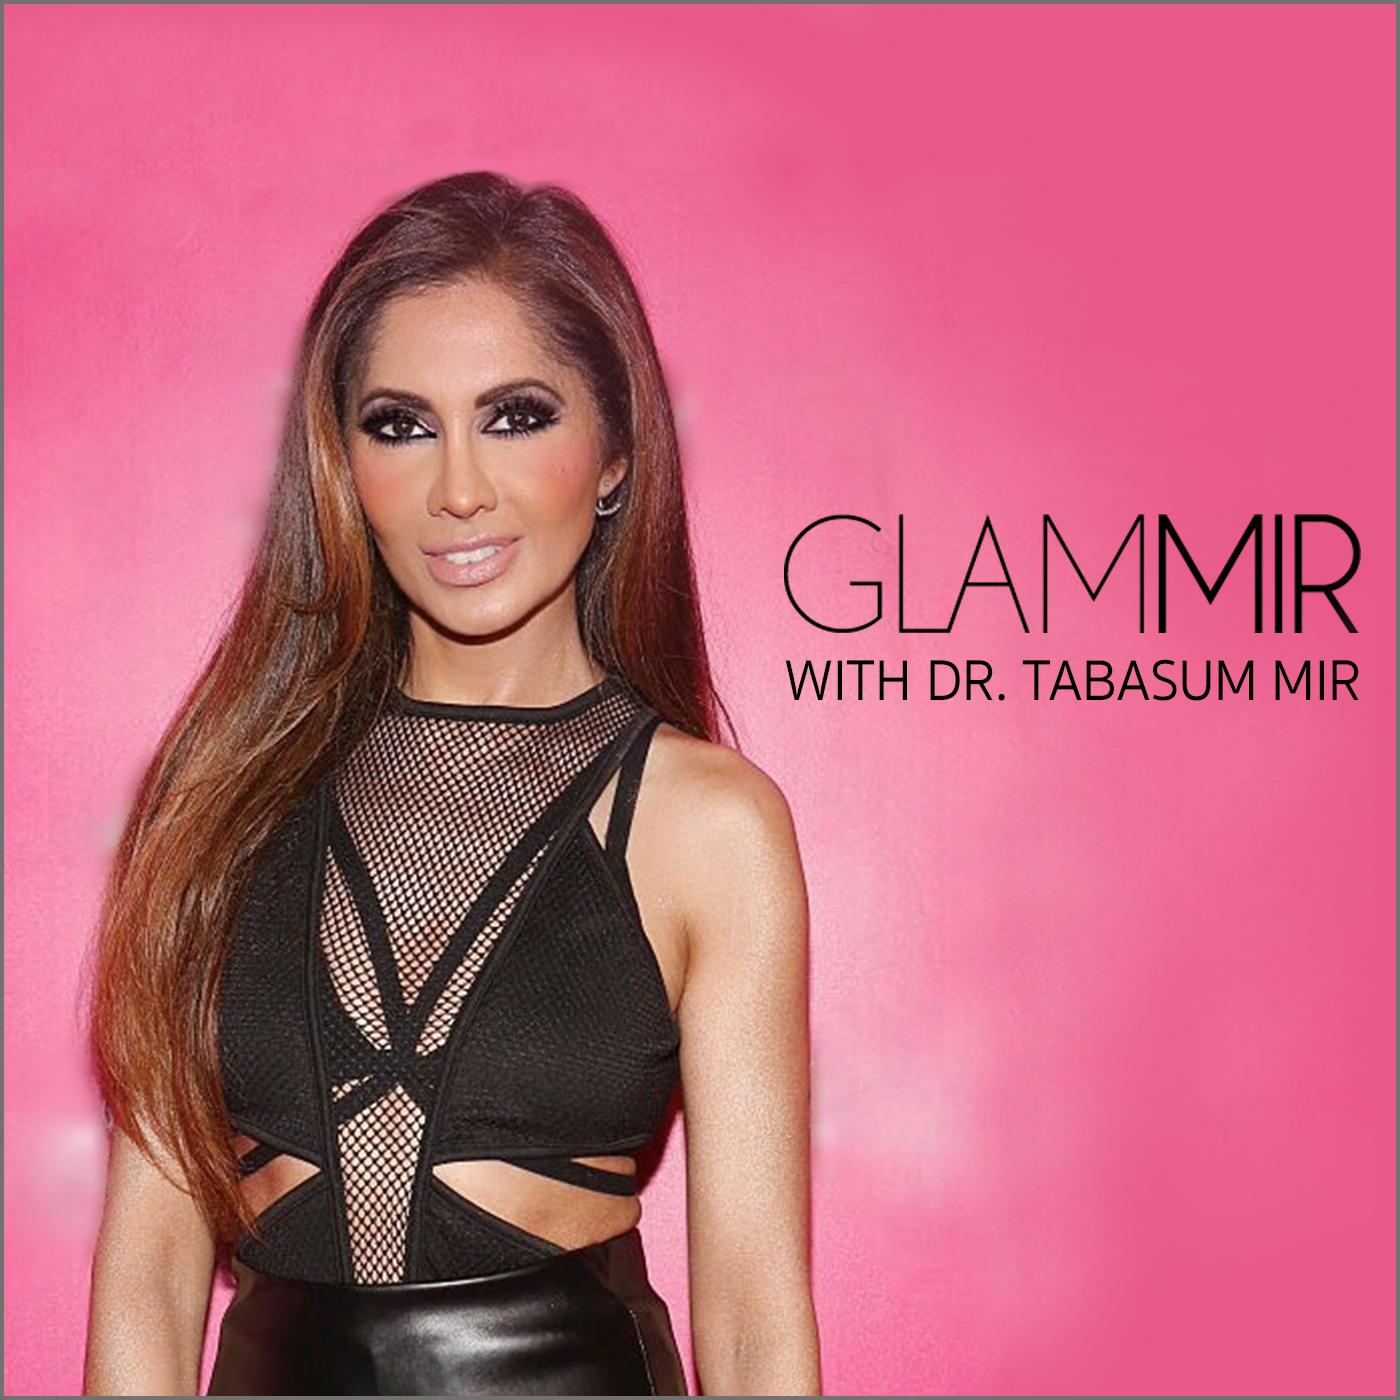 GlamMir